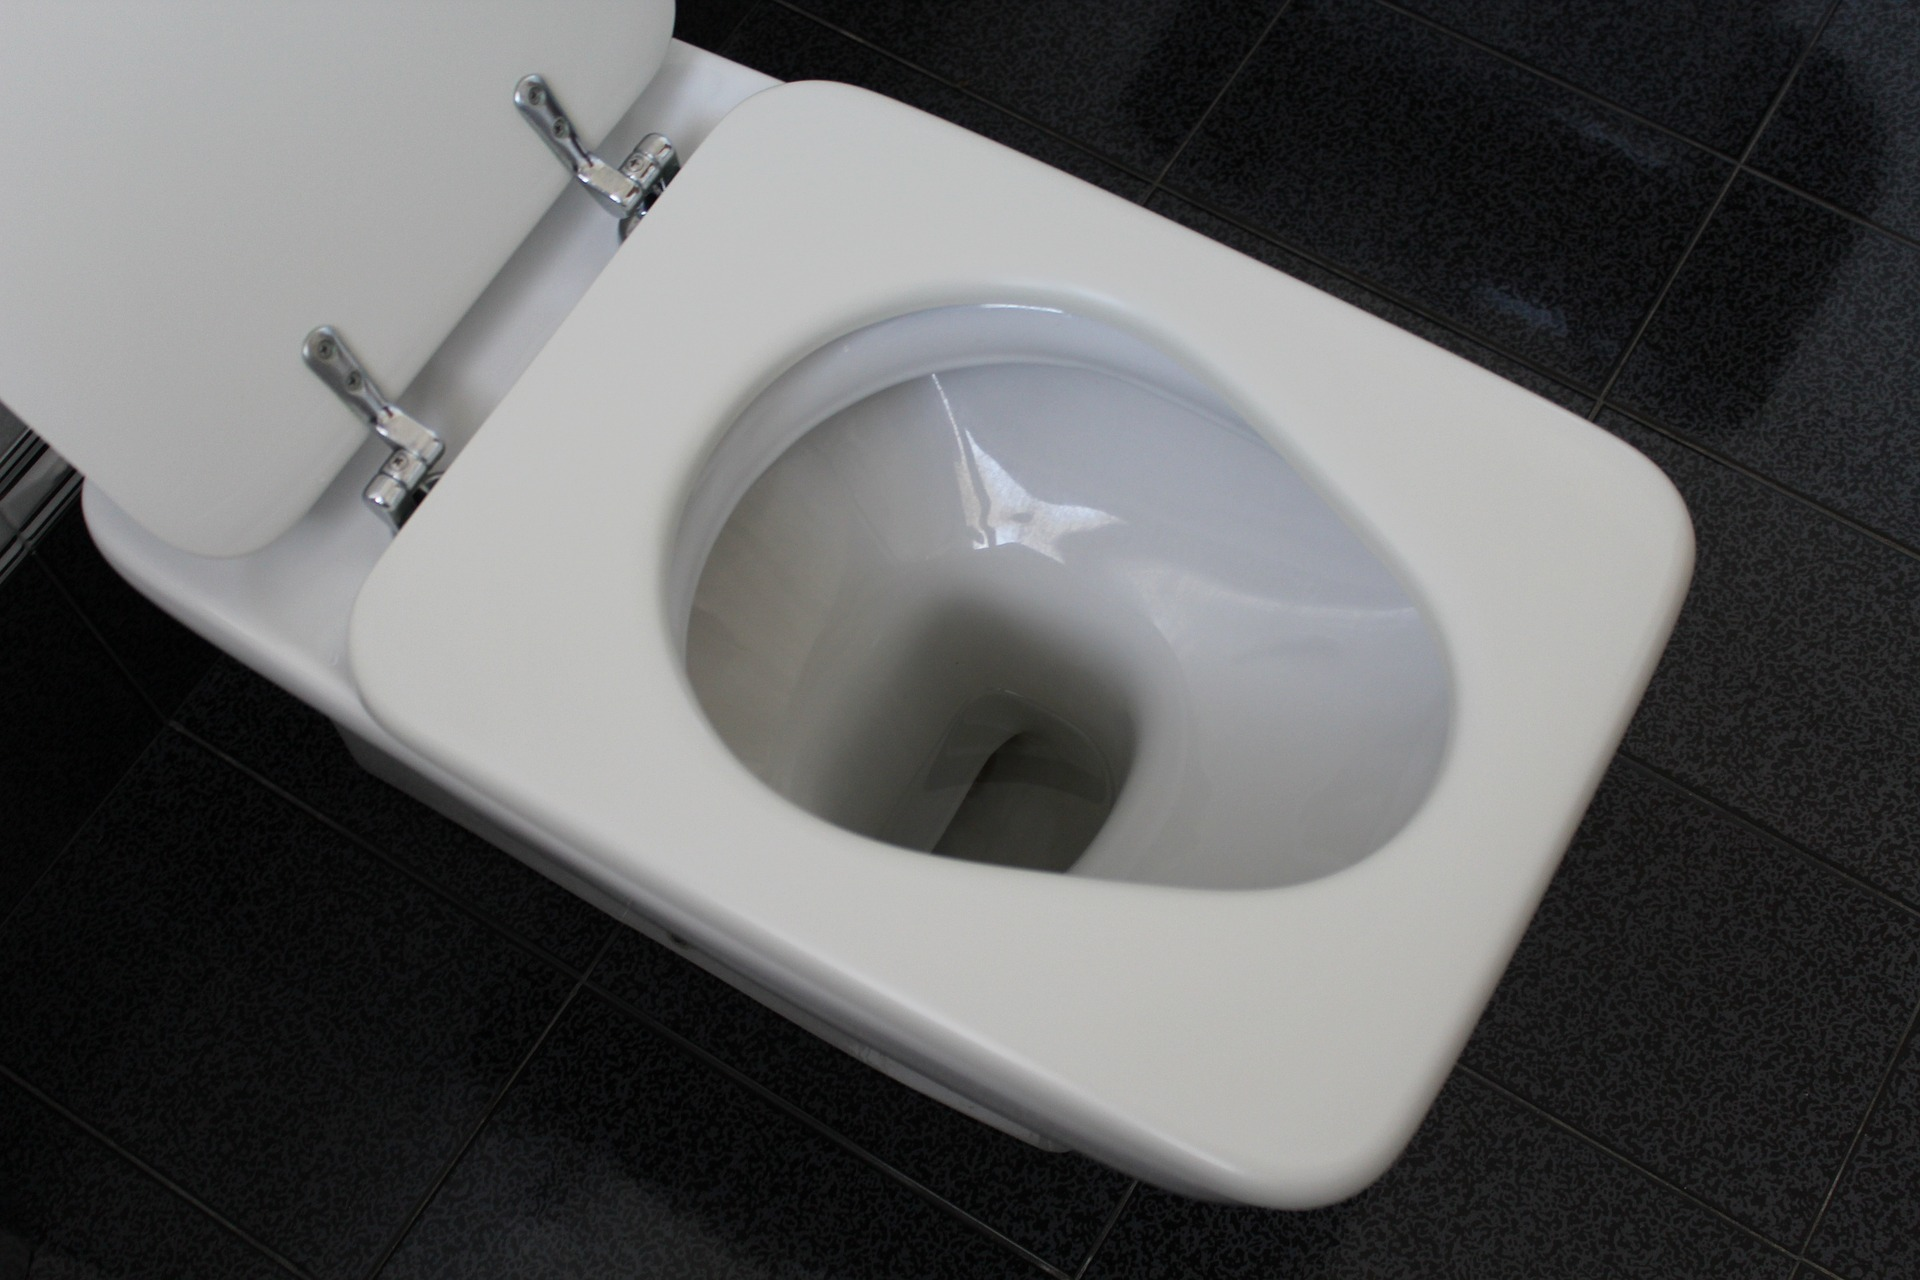 Heimwerker Flexible Dusche Schlauch Für Wasser Sanitär Wc Bidet Sprayer Telefon Linie Klar Und Unverwechselbar